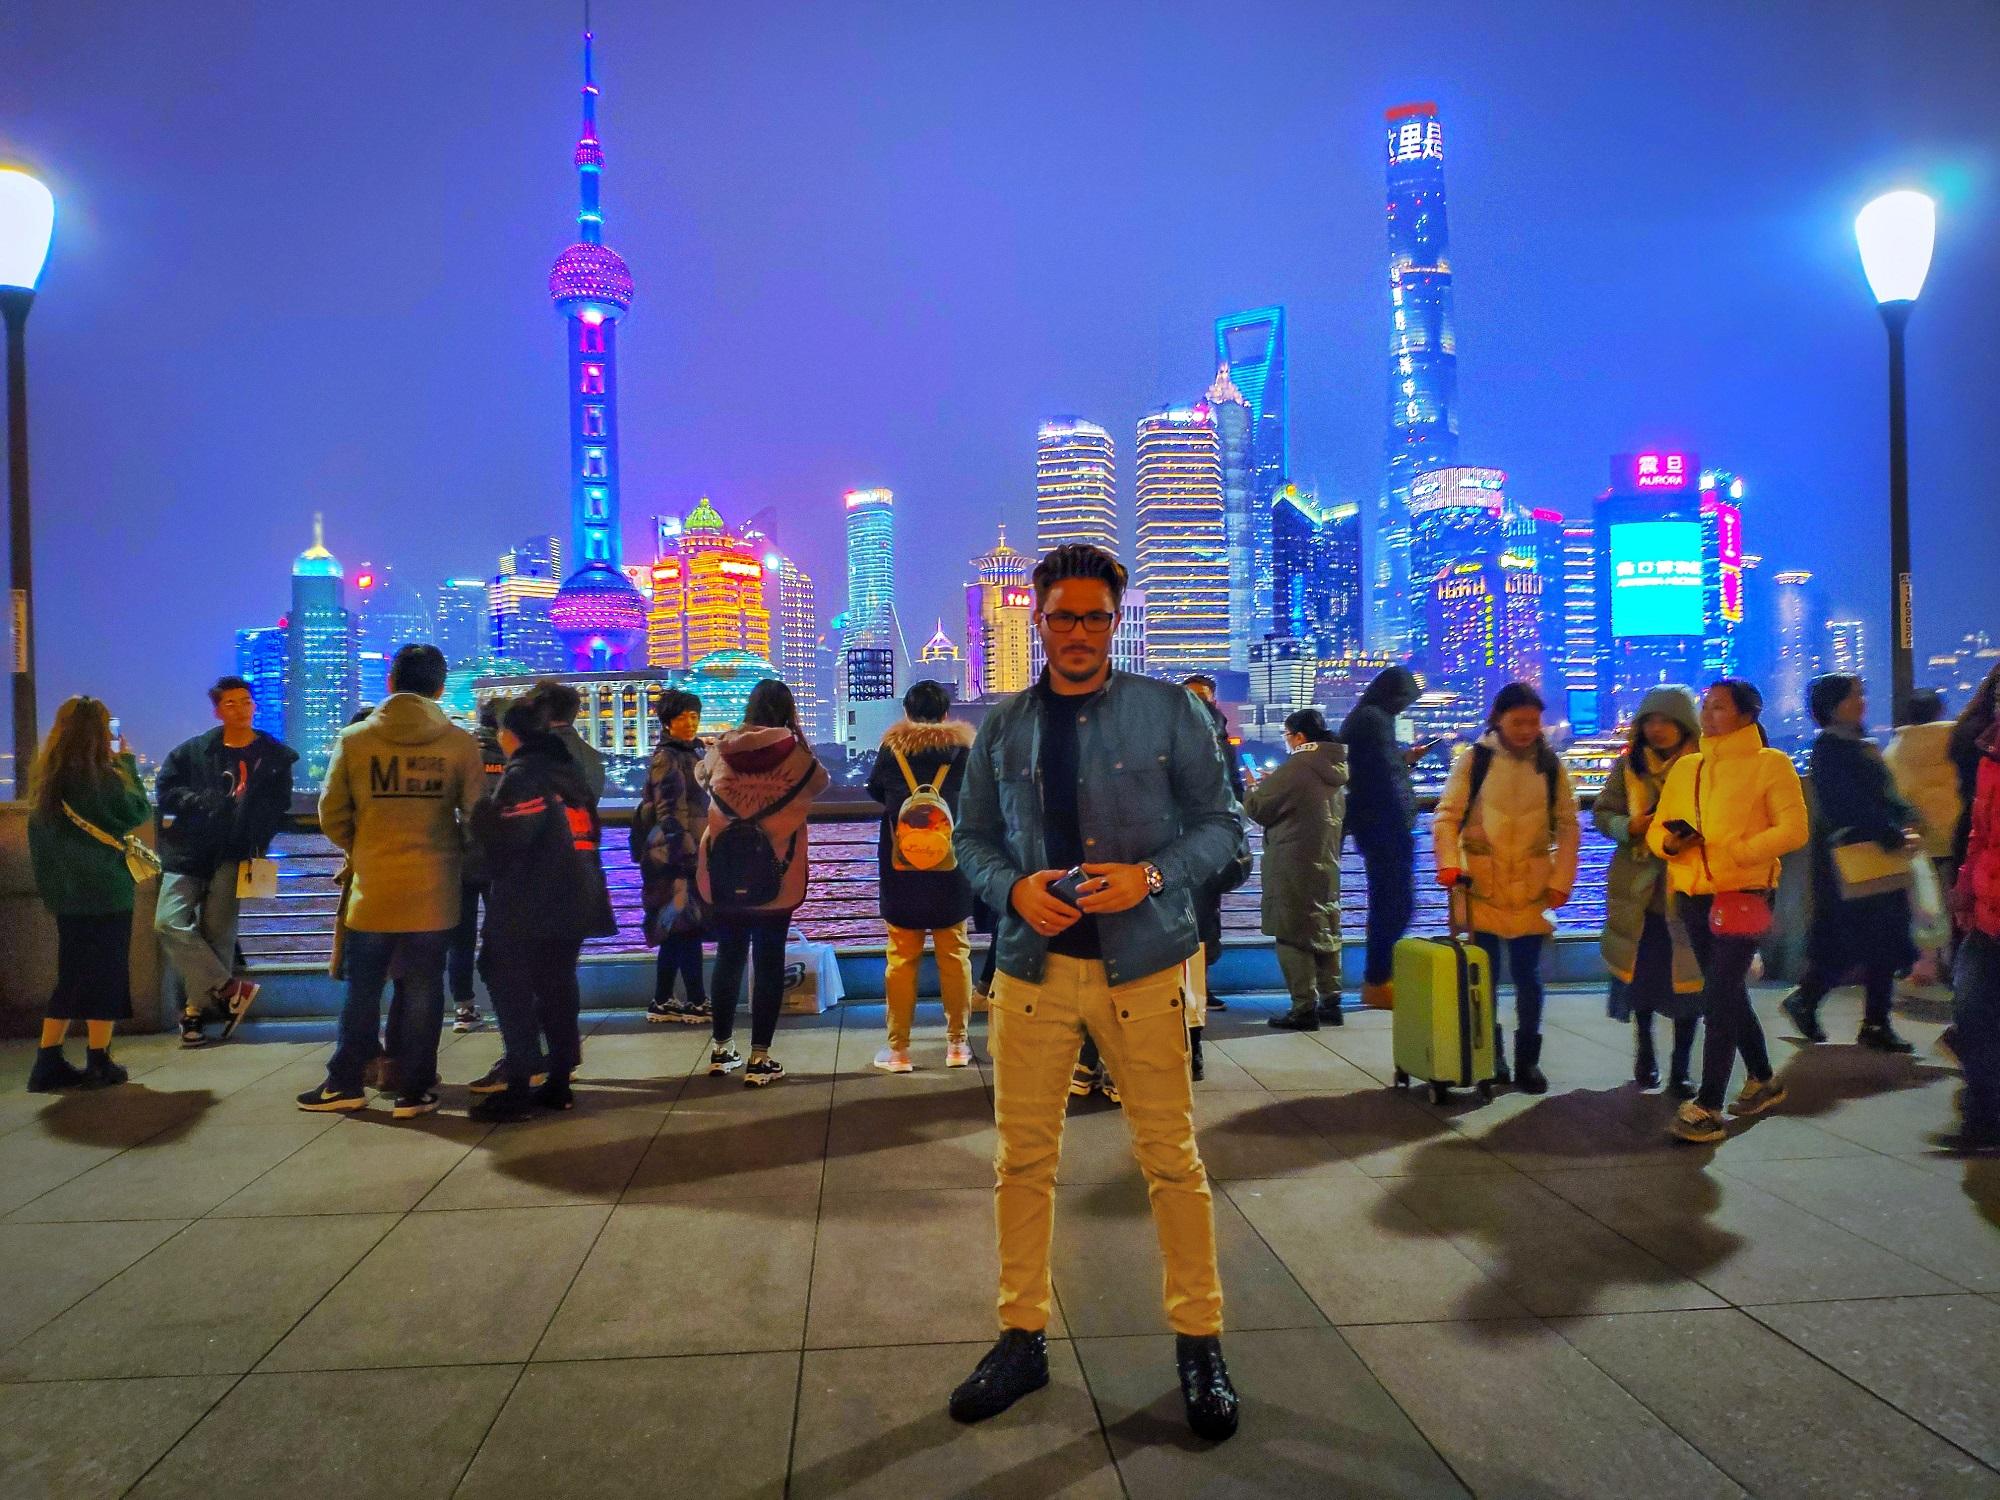 Bh. nogometaš Sandi Šahman koji igra u Shanghaiju: Stanje u Kini je još haotično, sve je kao u SF filmovima